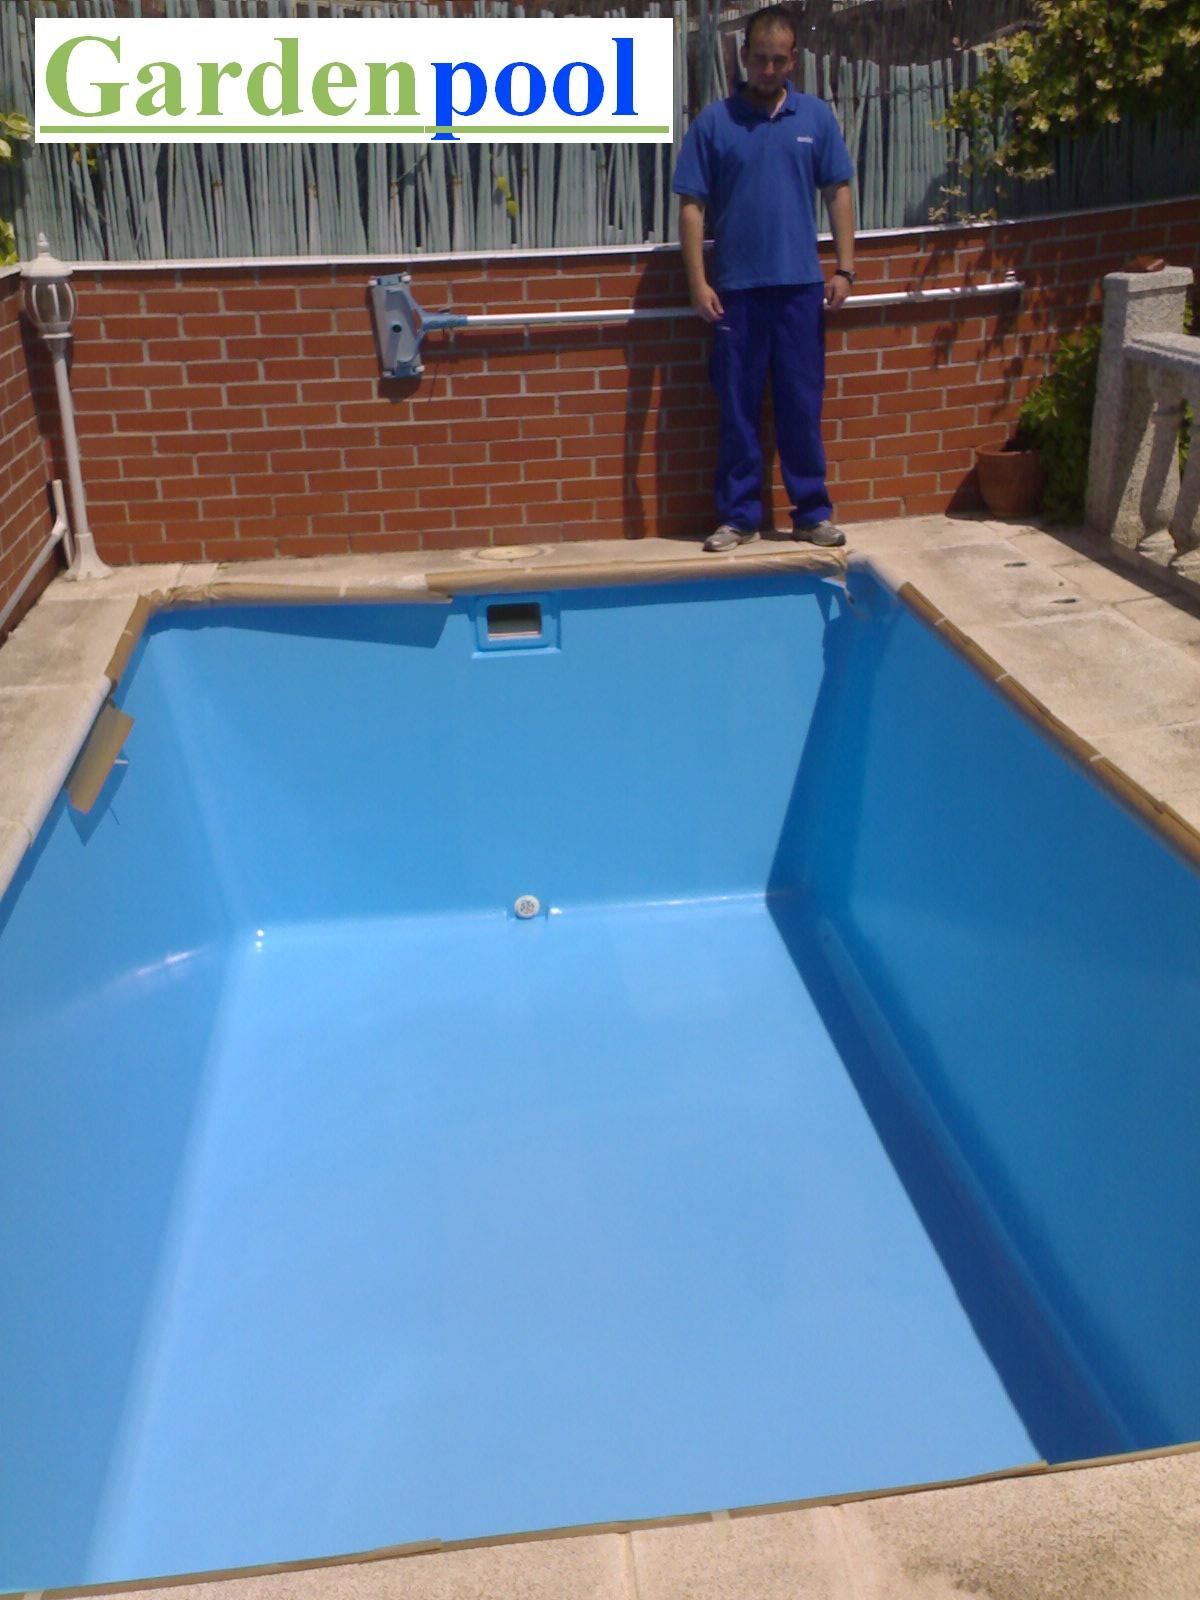 pintura para piscinas en madrid pintores piscinas gardenpool